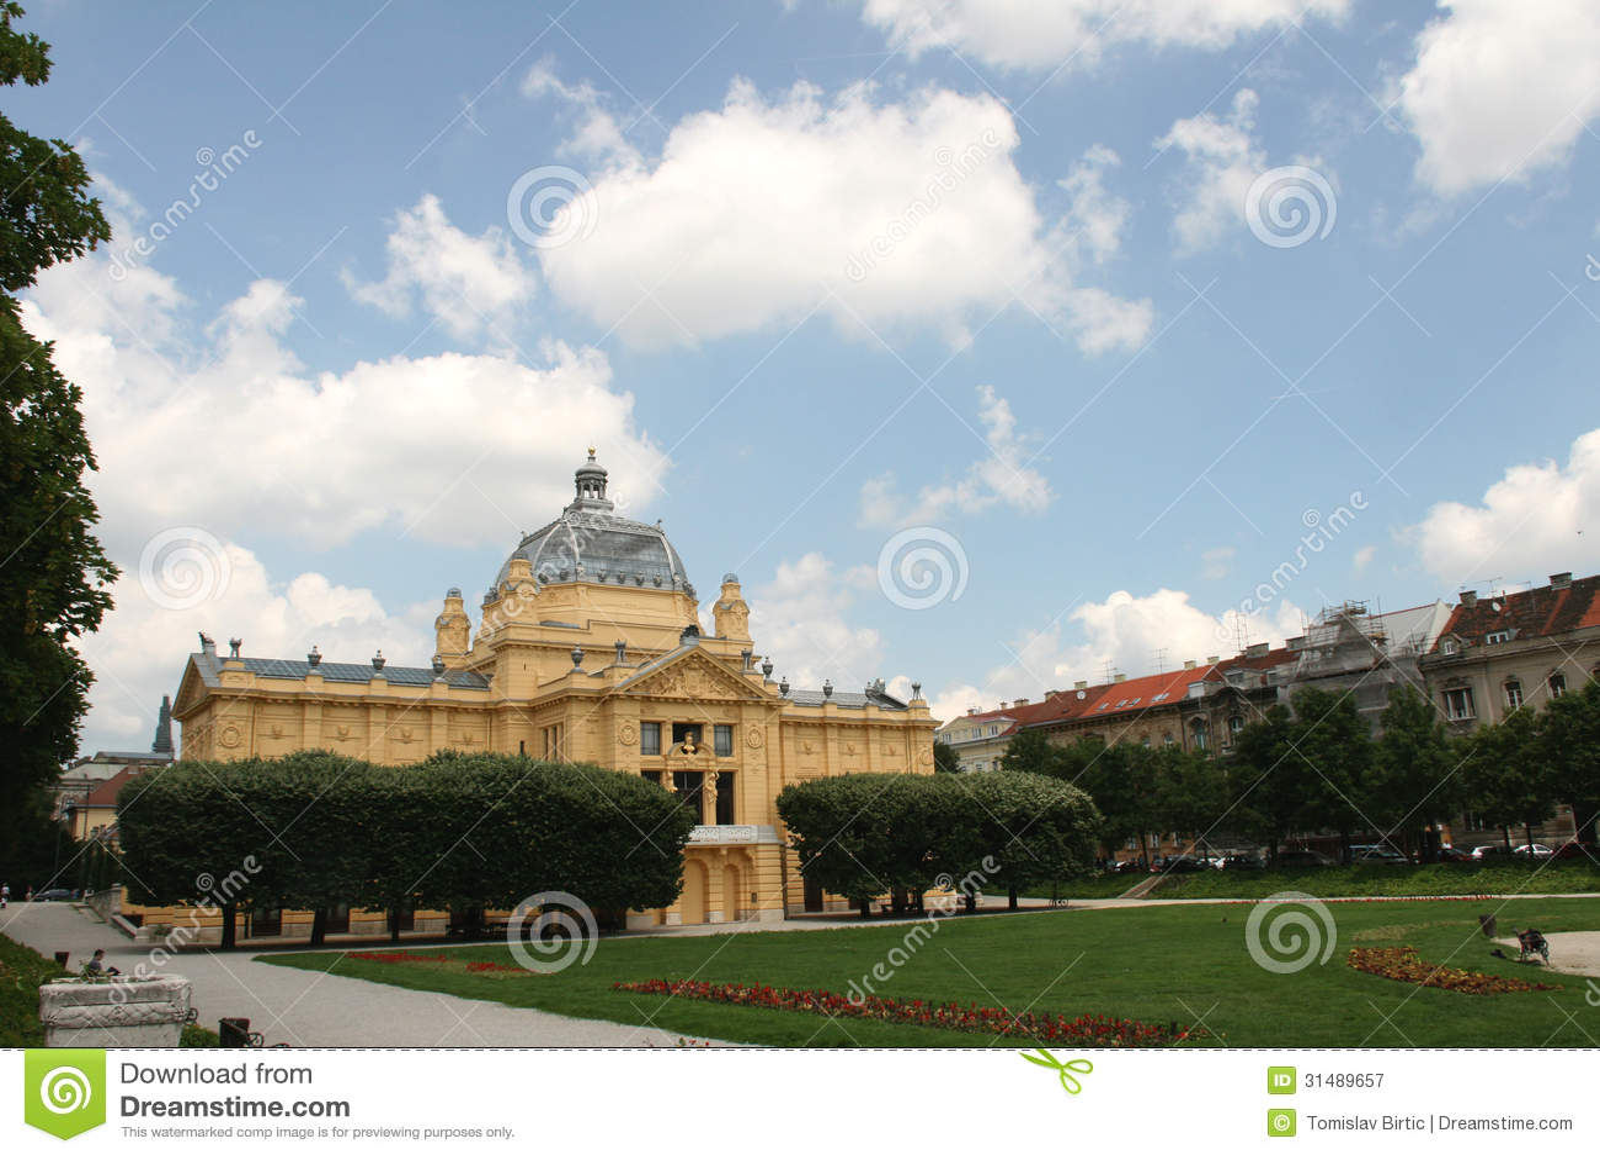 Chorwacja UE członek, Zagreb, sztuka pawilon/